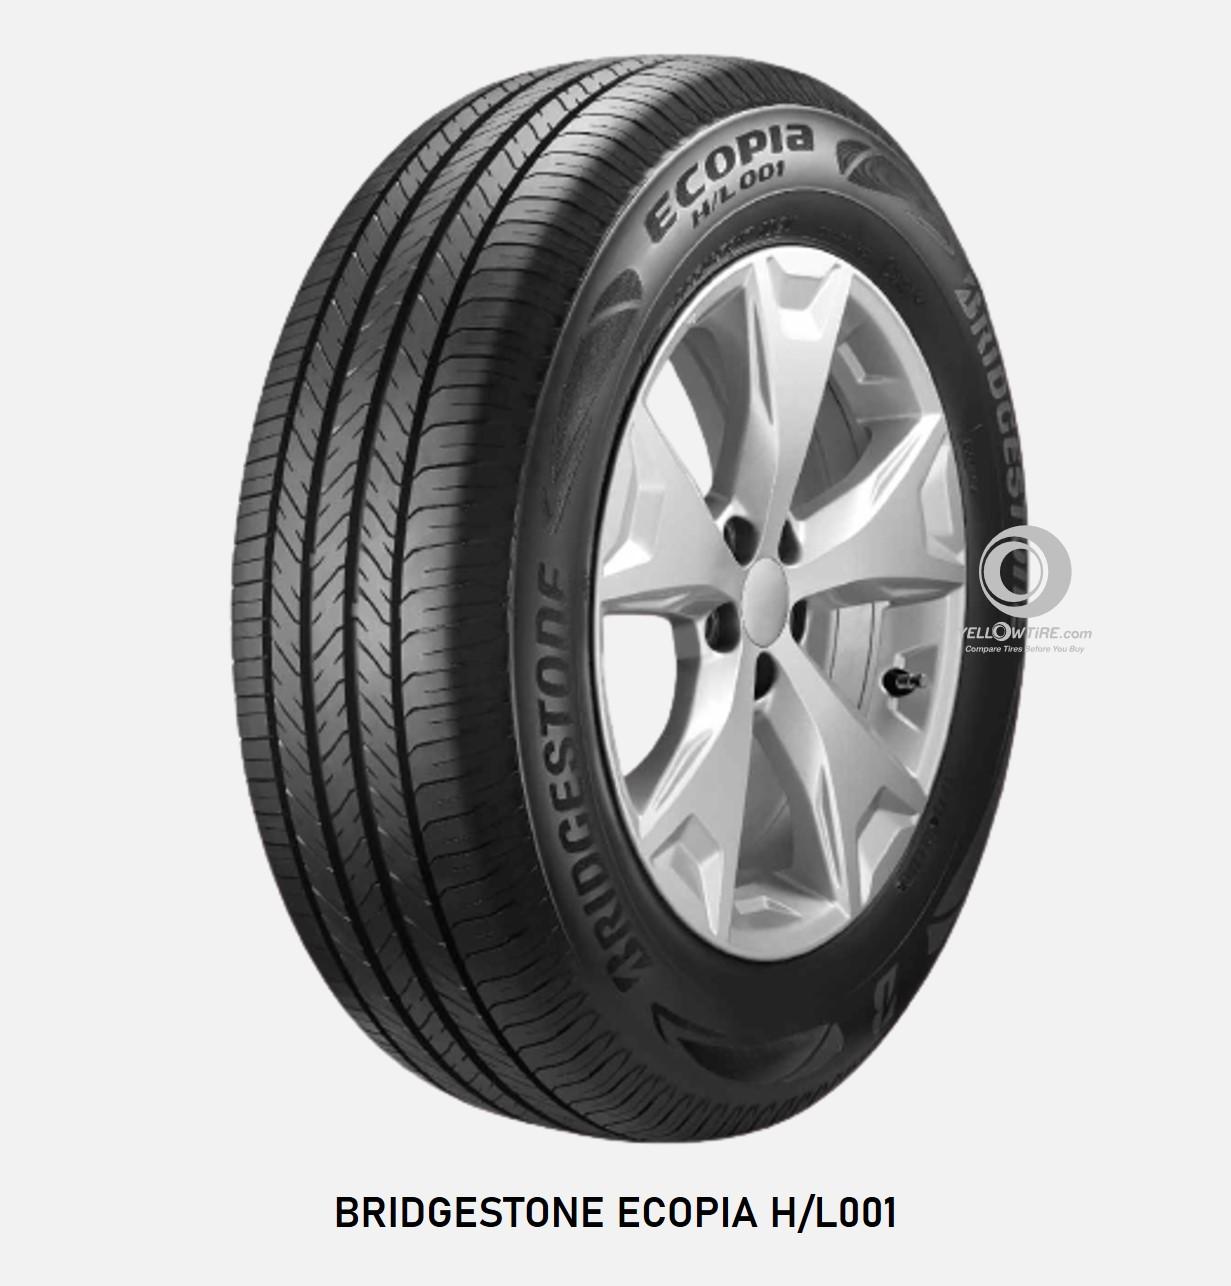 BRIDGESTONE ECOPIA H/L001